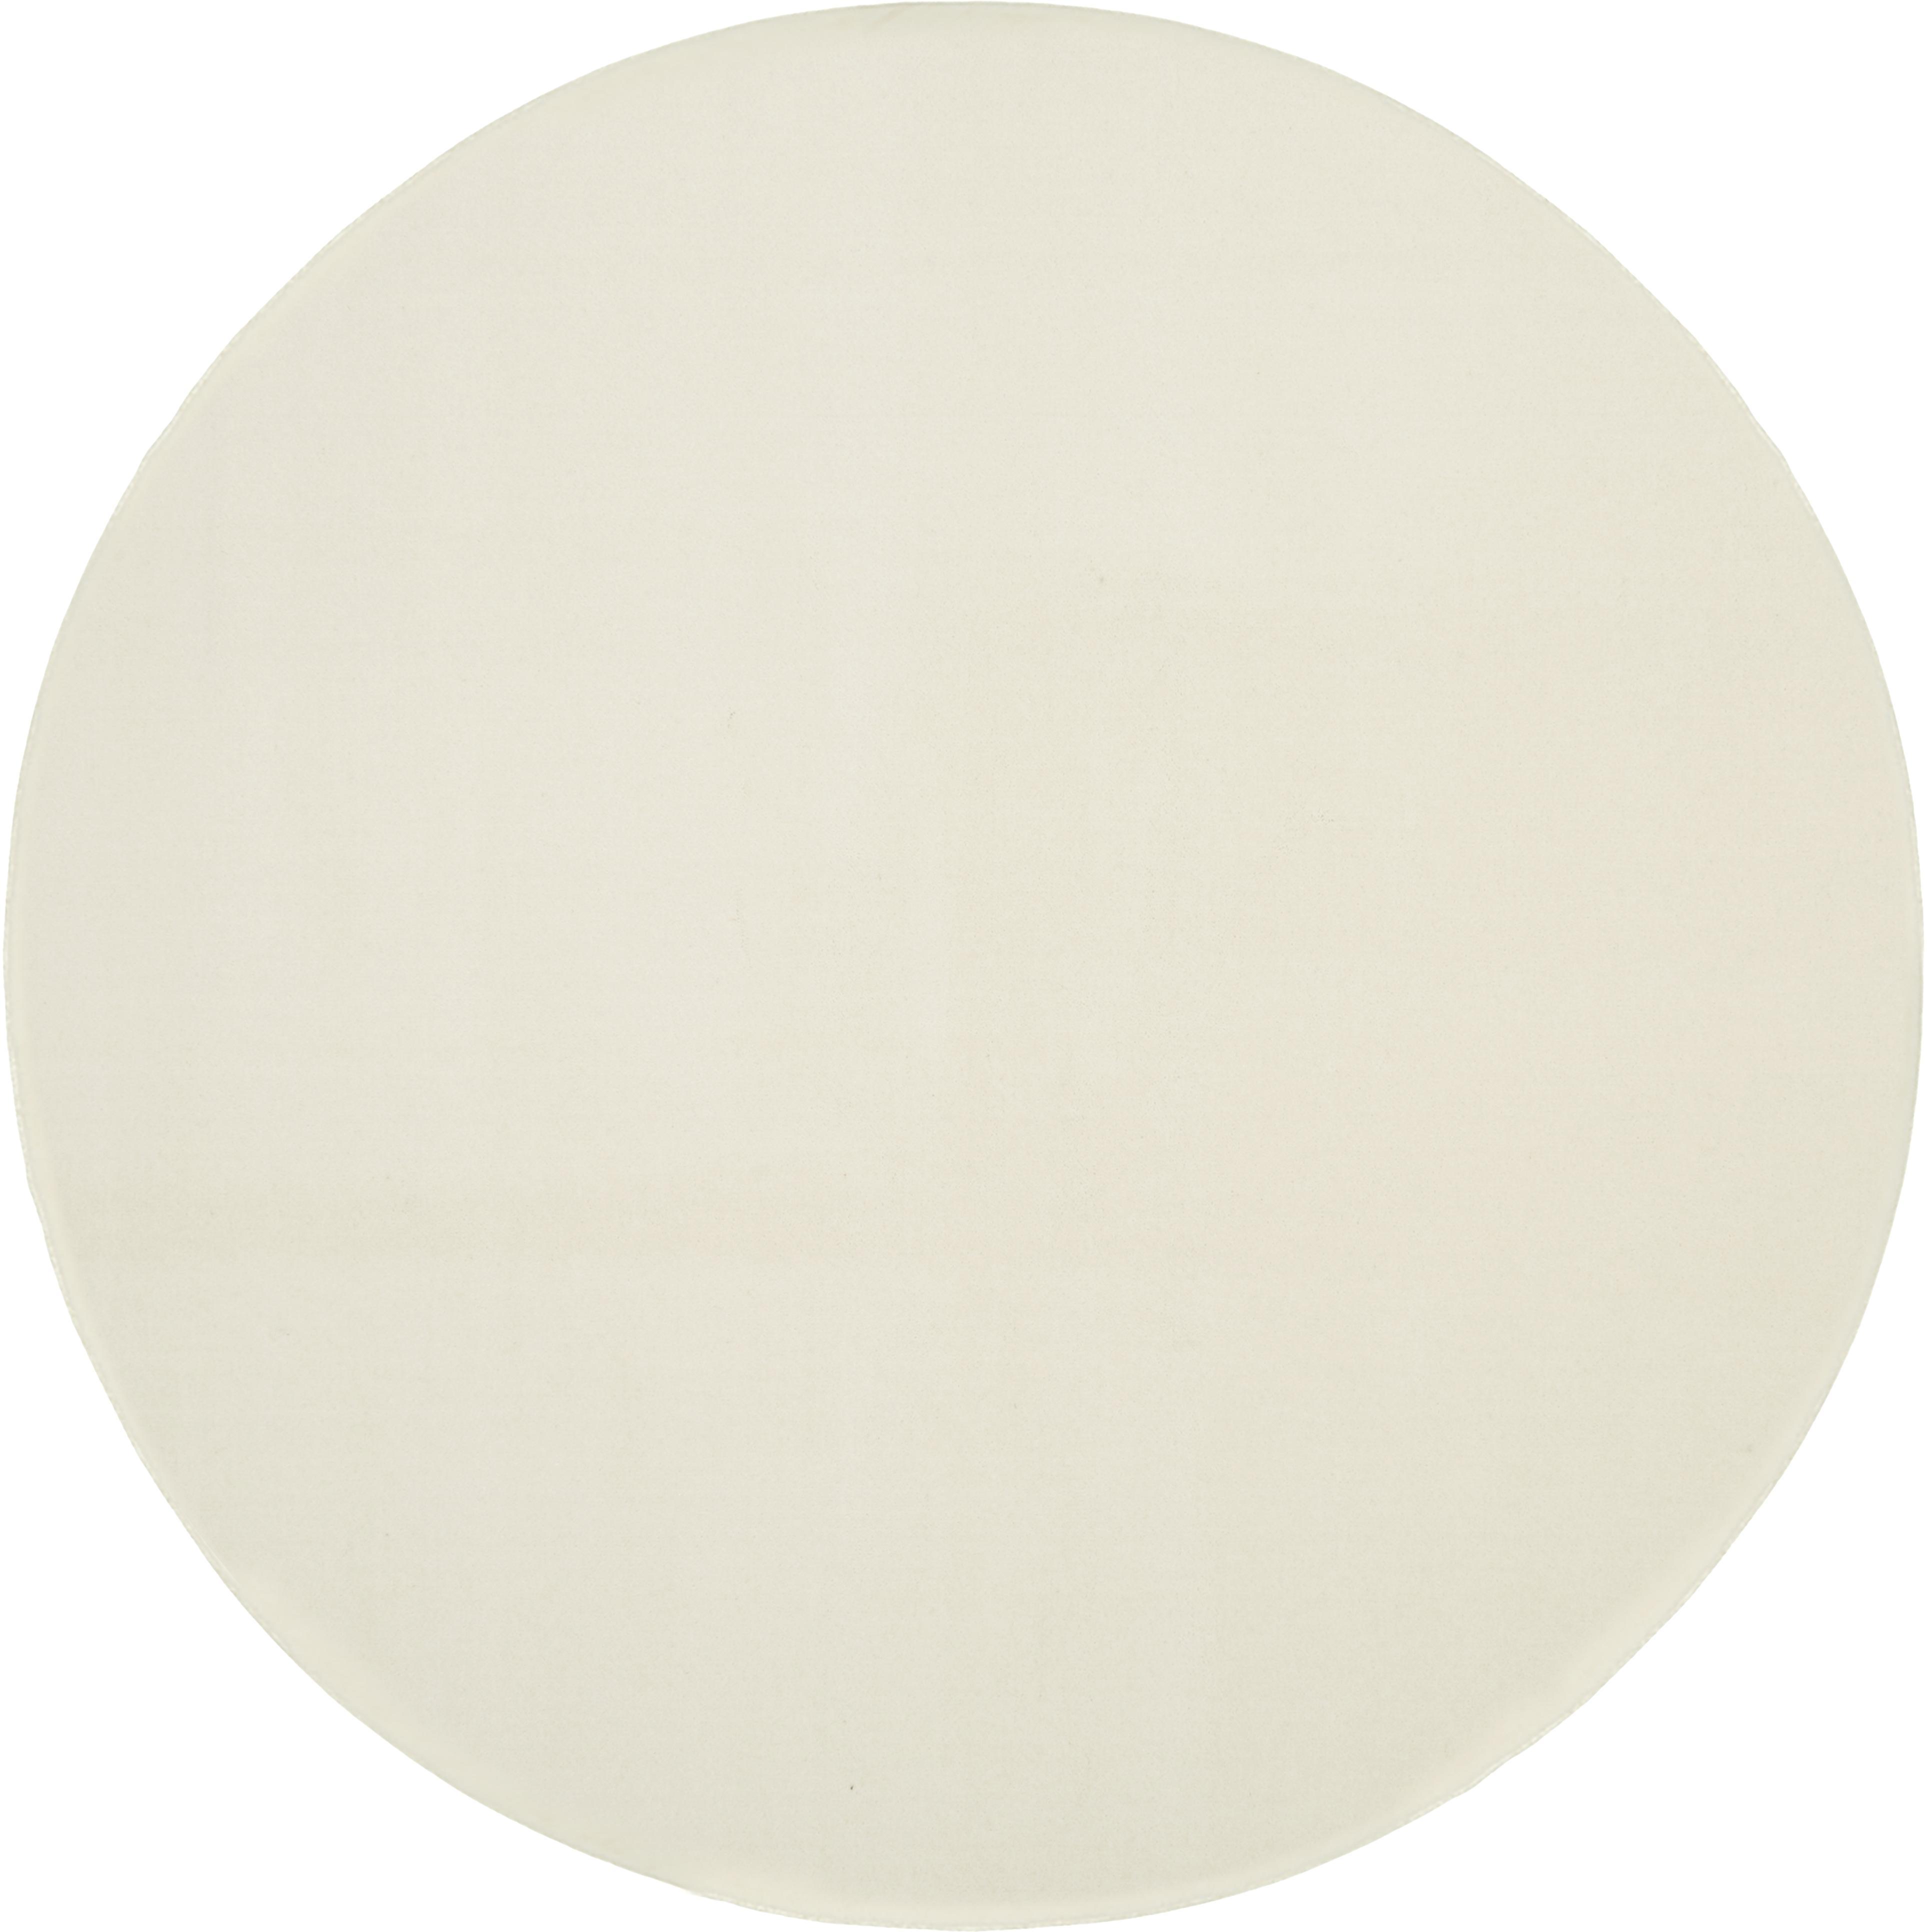 Tappeto rotondo in lana beige Ida, Retro: poliestere, Beige, Ø 120 cm